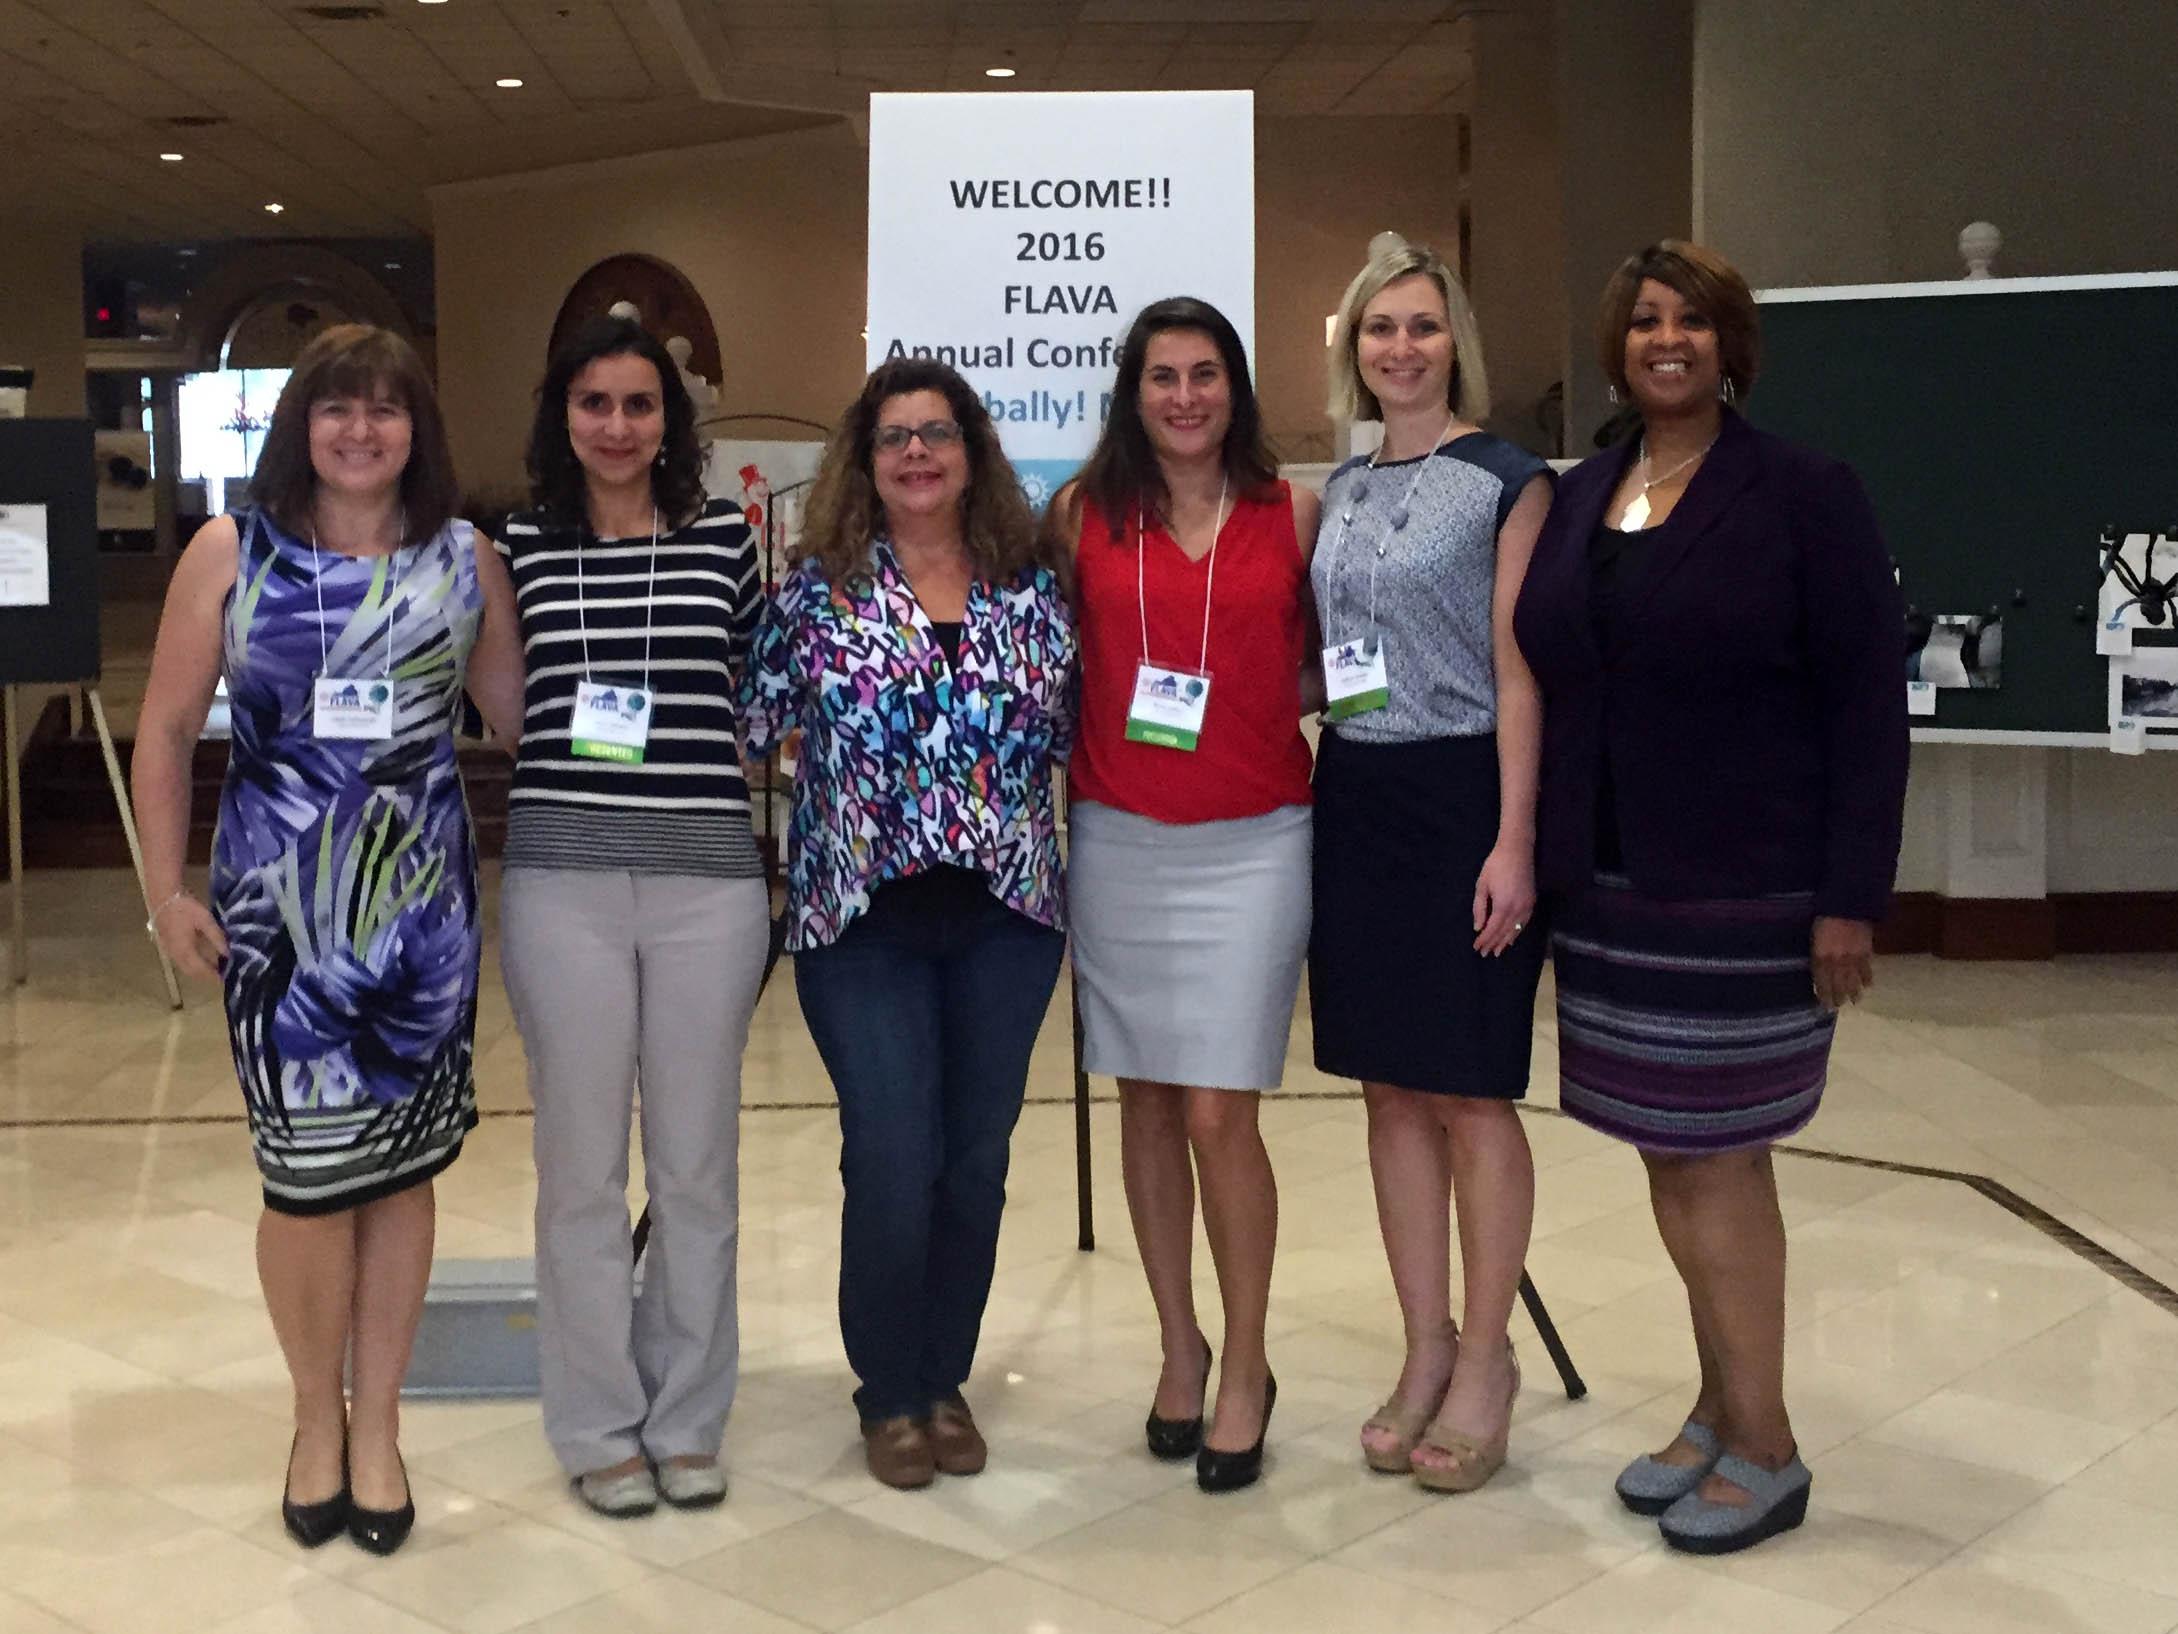 tallwood-hs-teachers-flava-conference